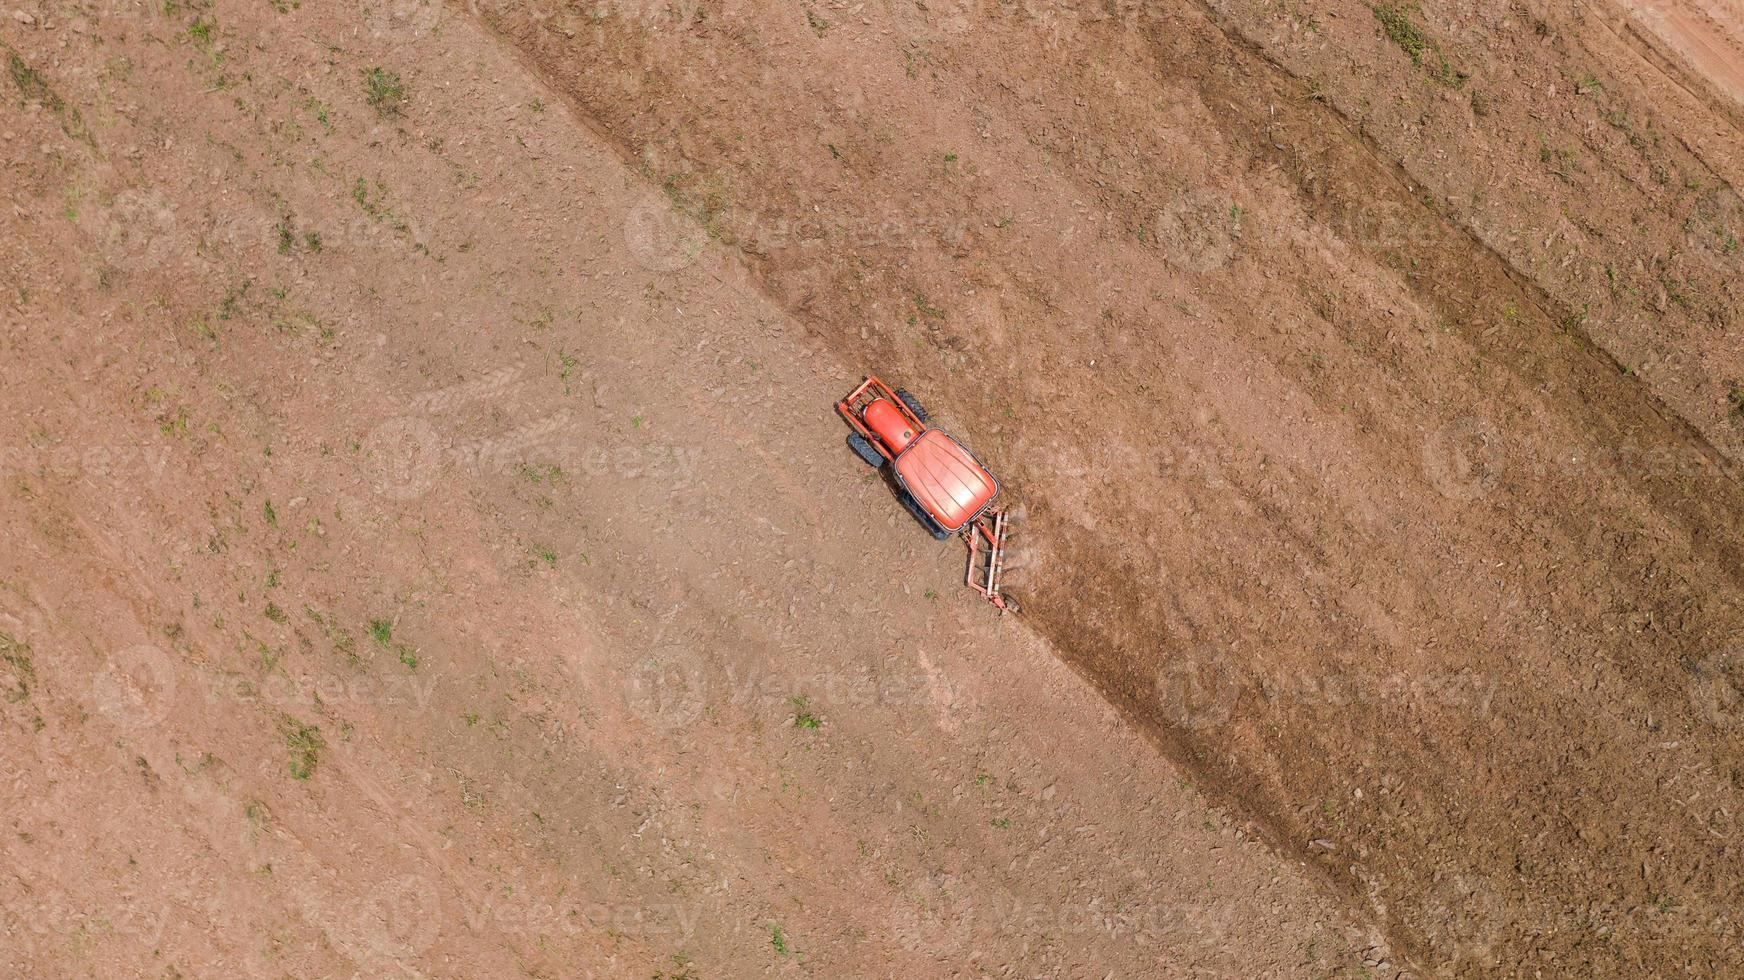 trator agrícola em um campo de terra foto